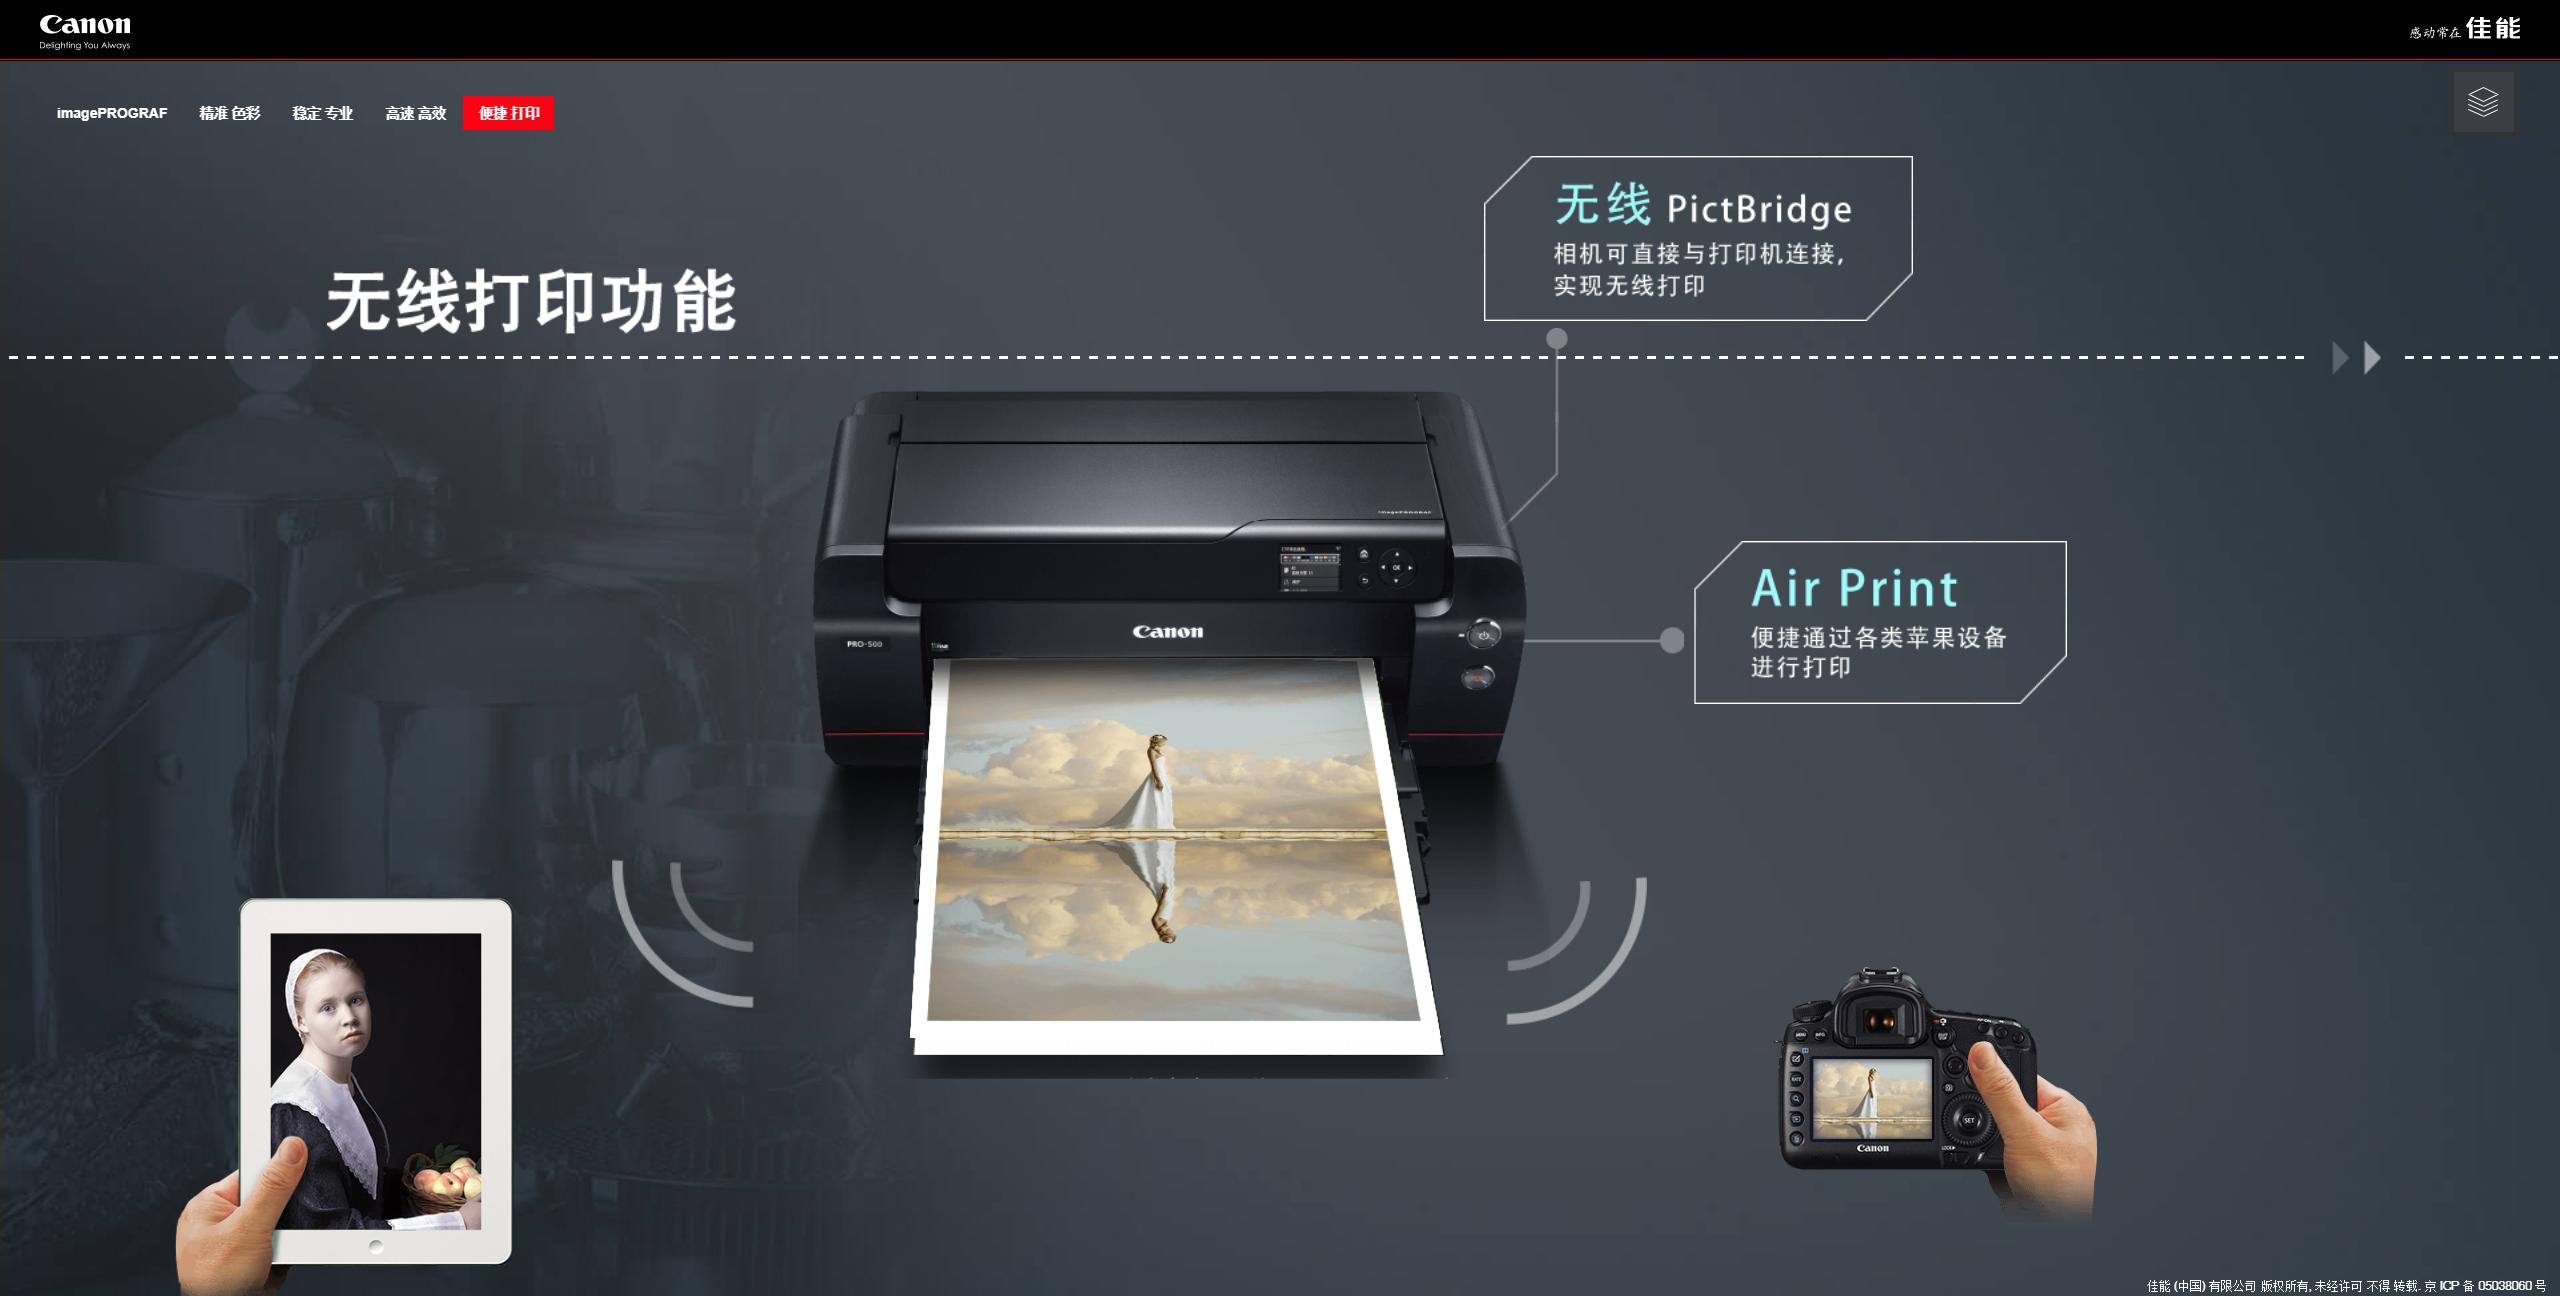 Canon China Pritnter